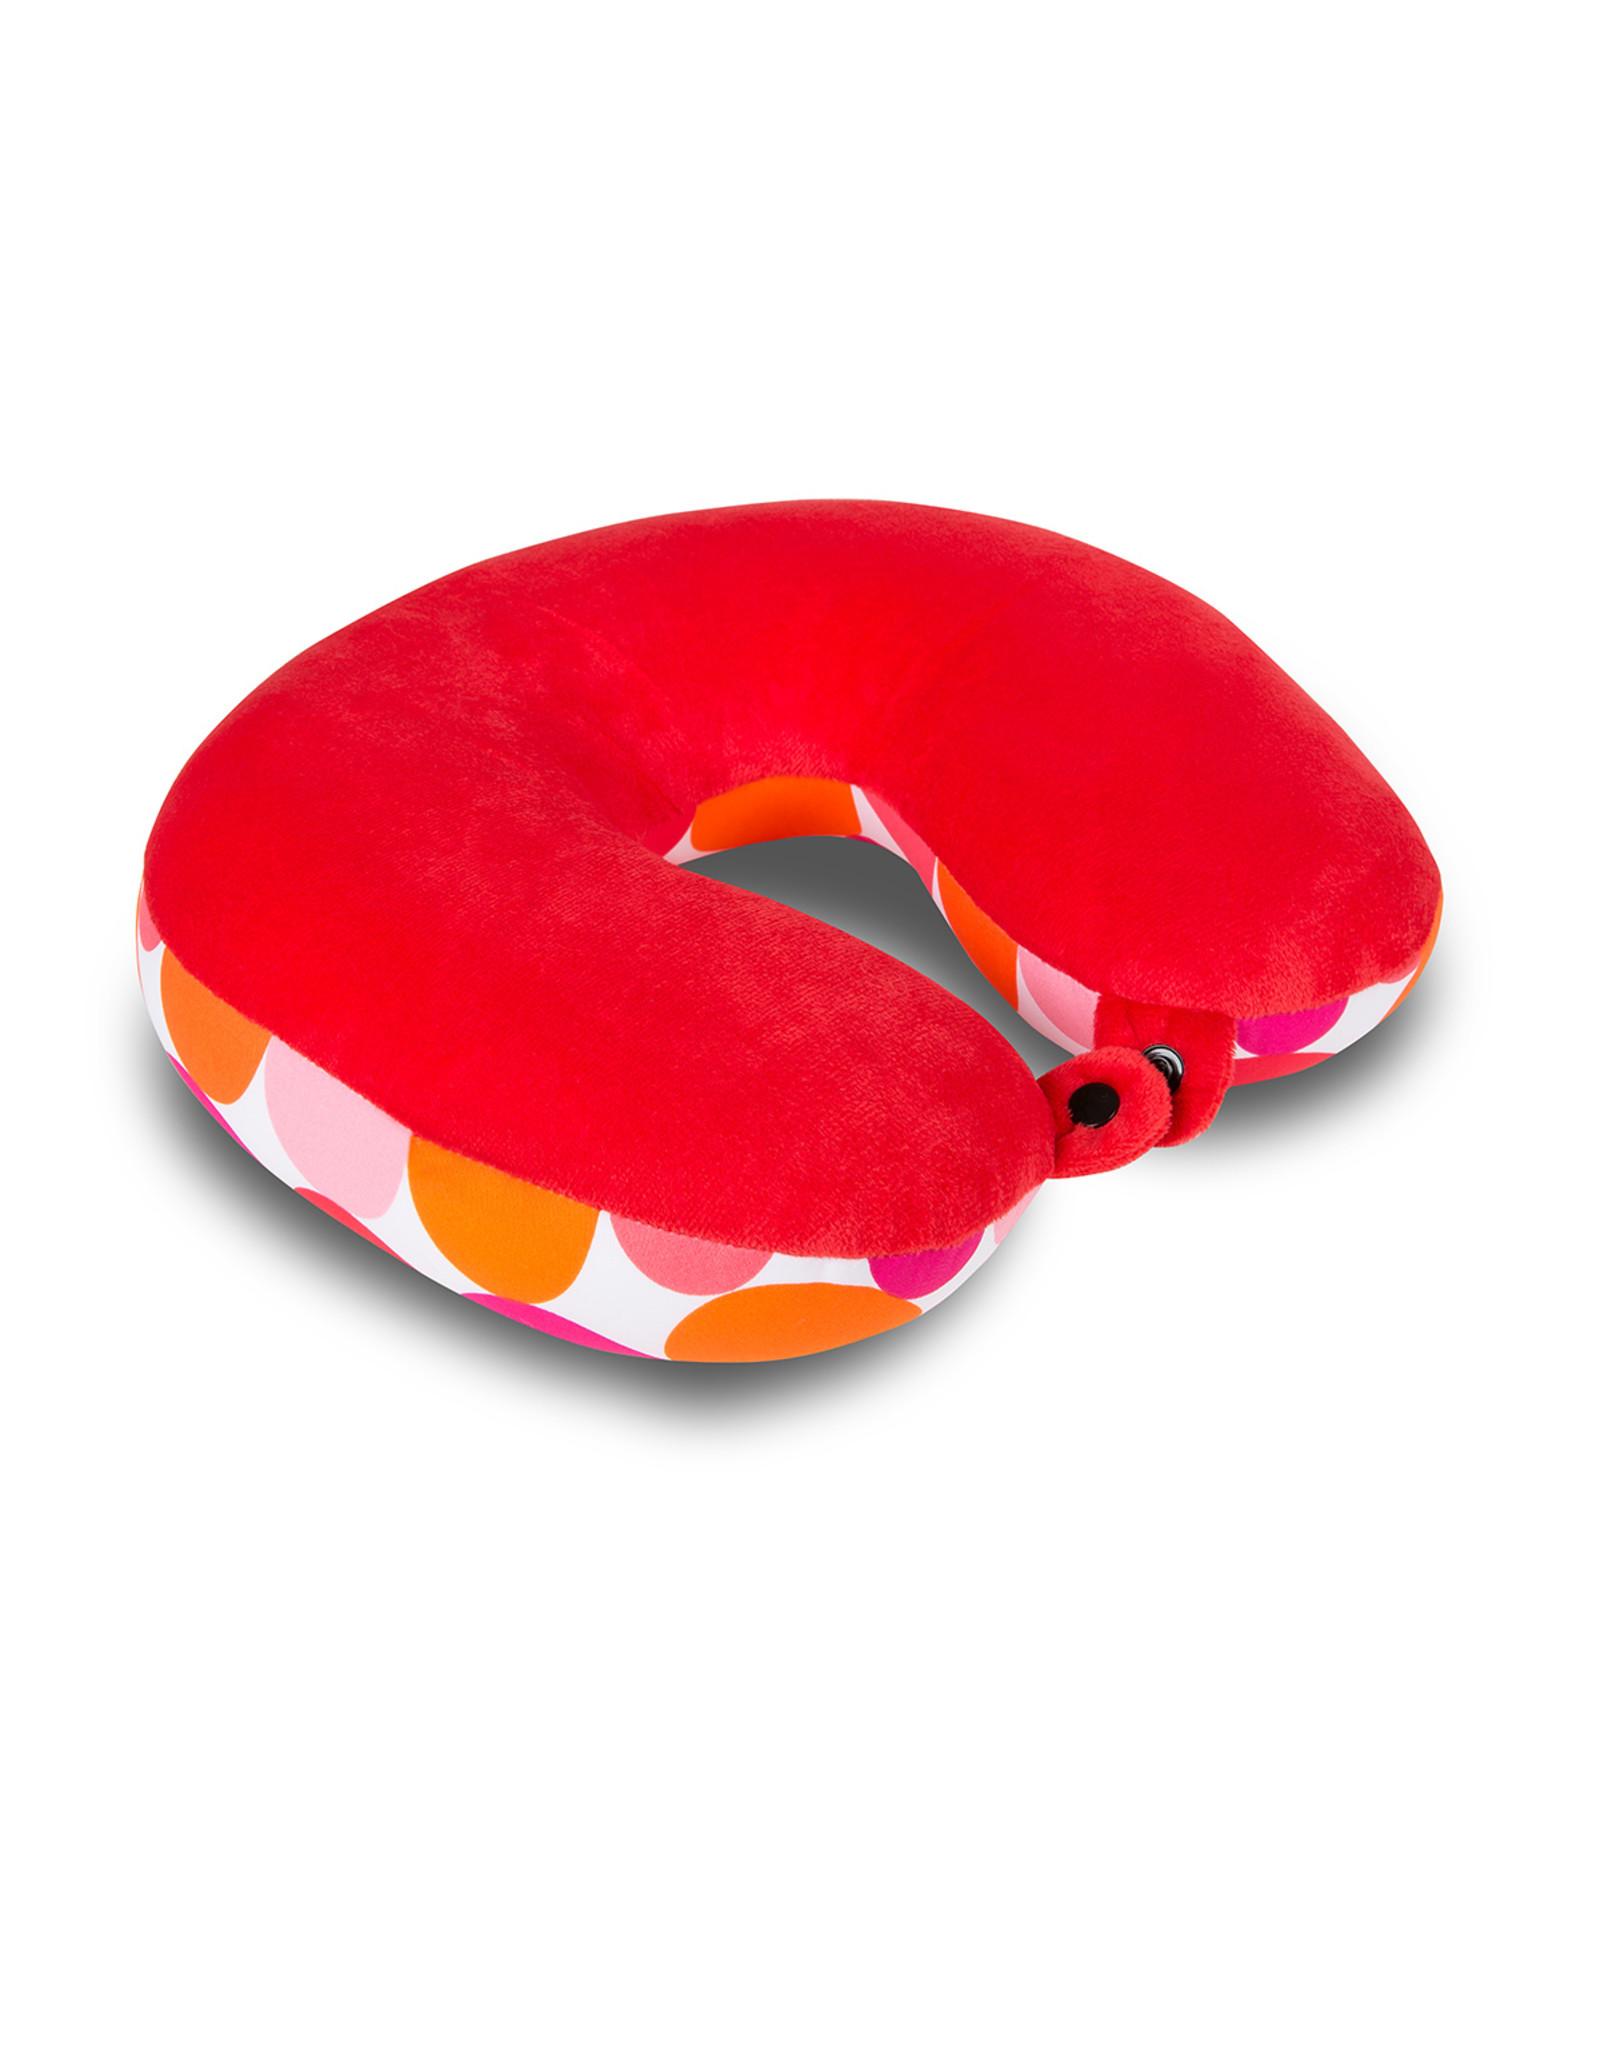 Kuschel-Maxx Kuschel-Maxx - Nackenhörnchen Punkte Orange